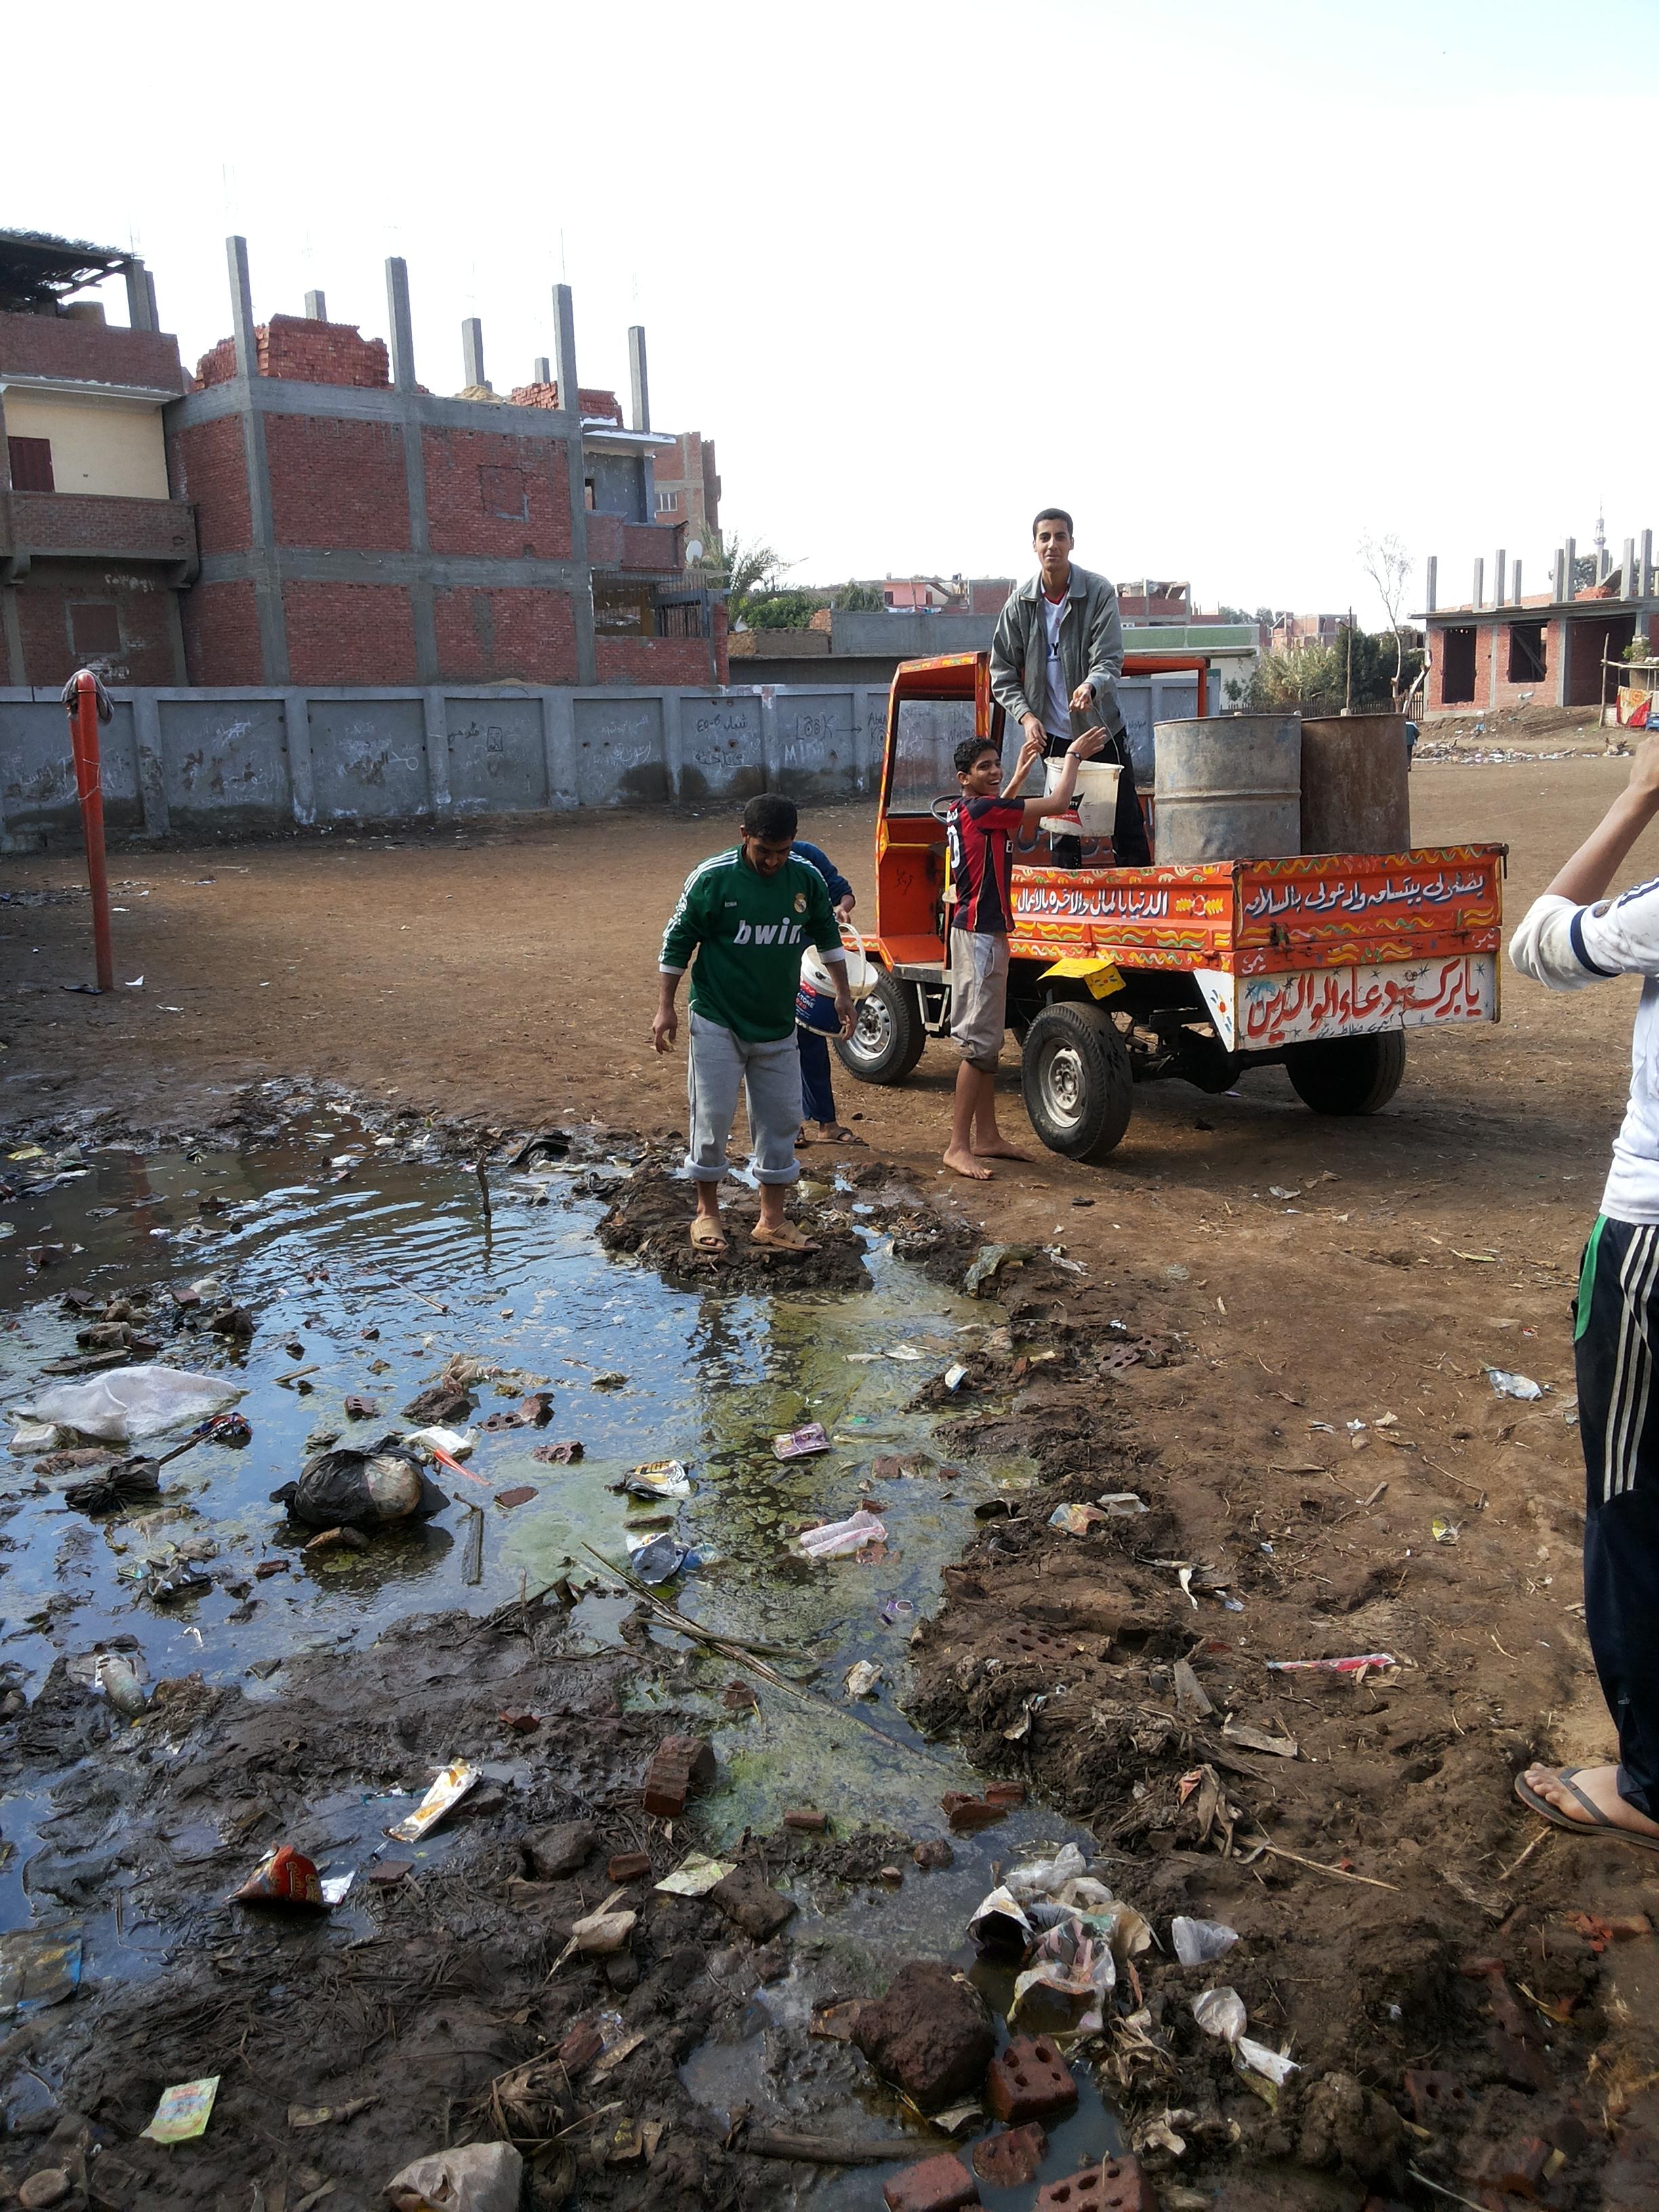 الشباب وهم ينشلون المياه المليئة بالأمراض